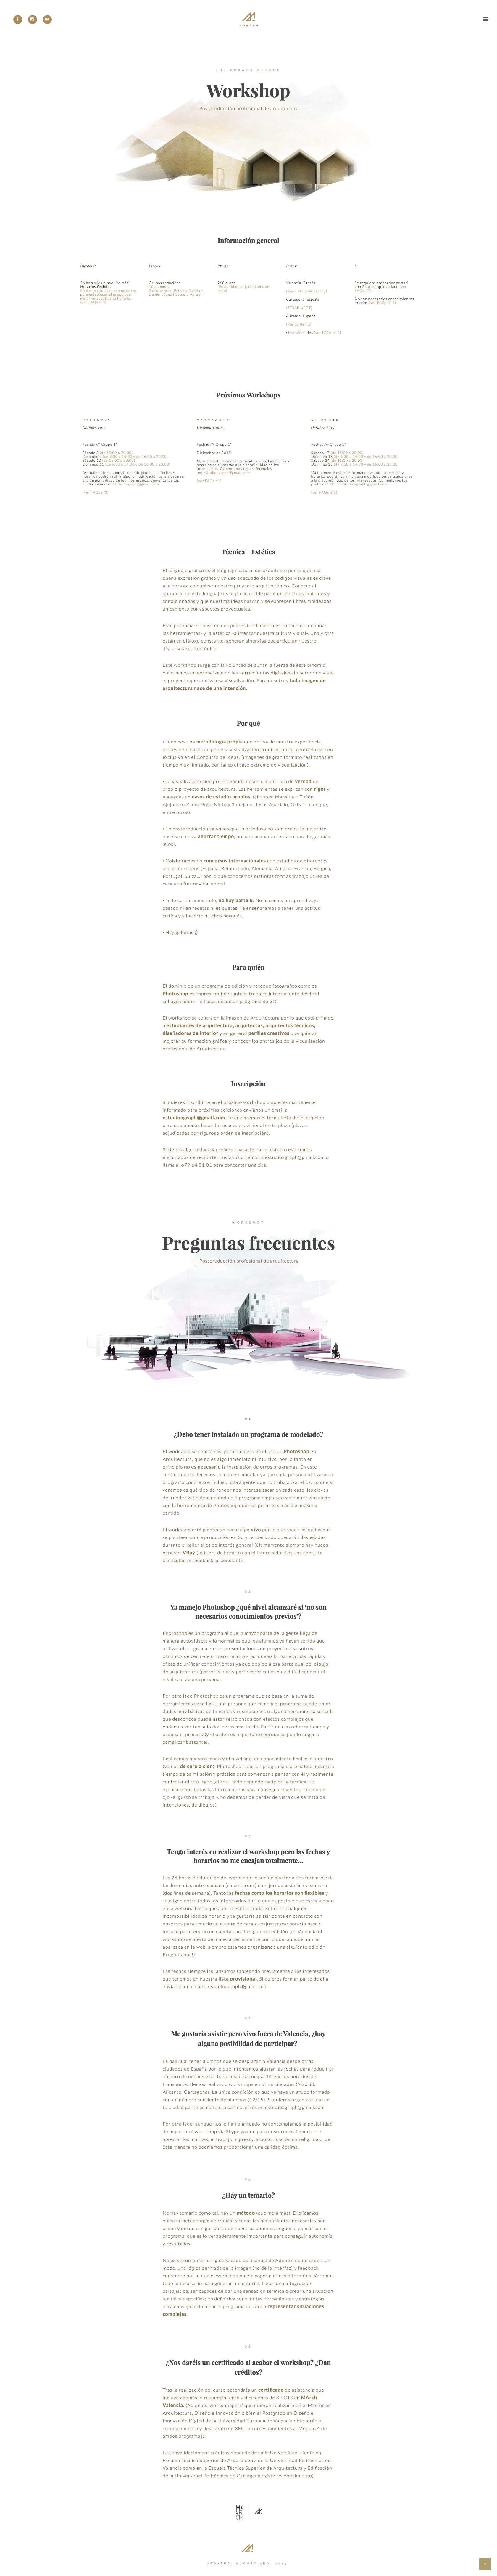 Estudioagraph 03